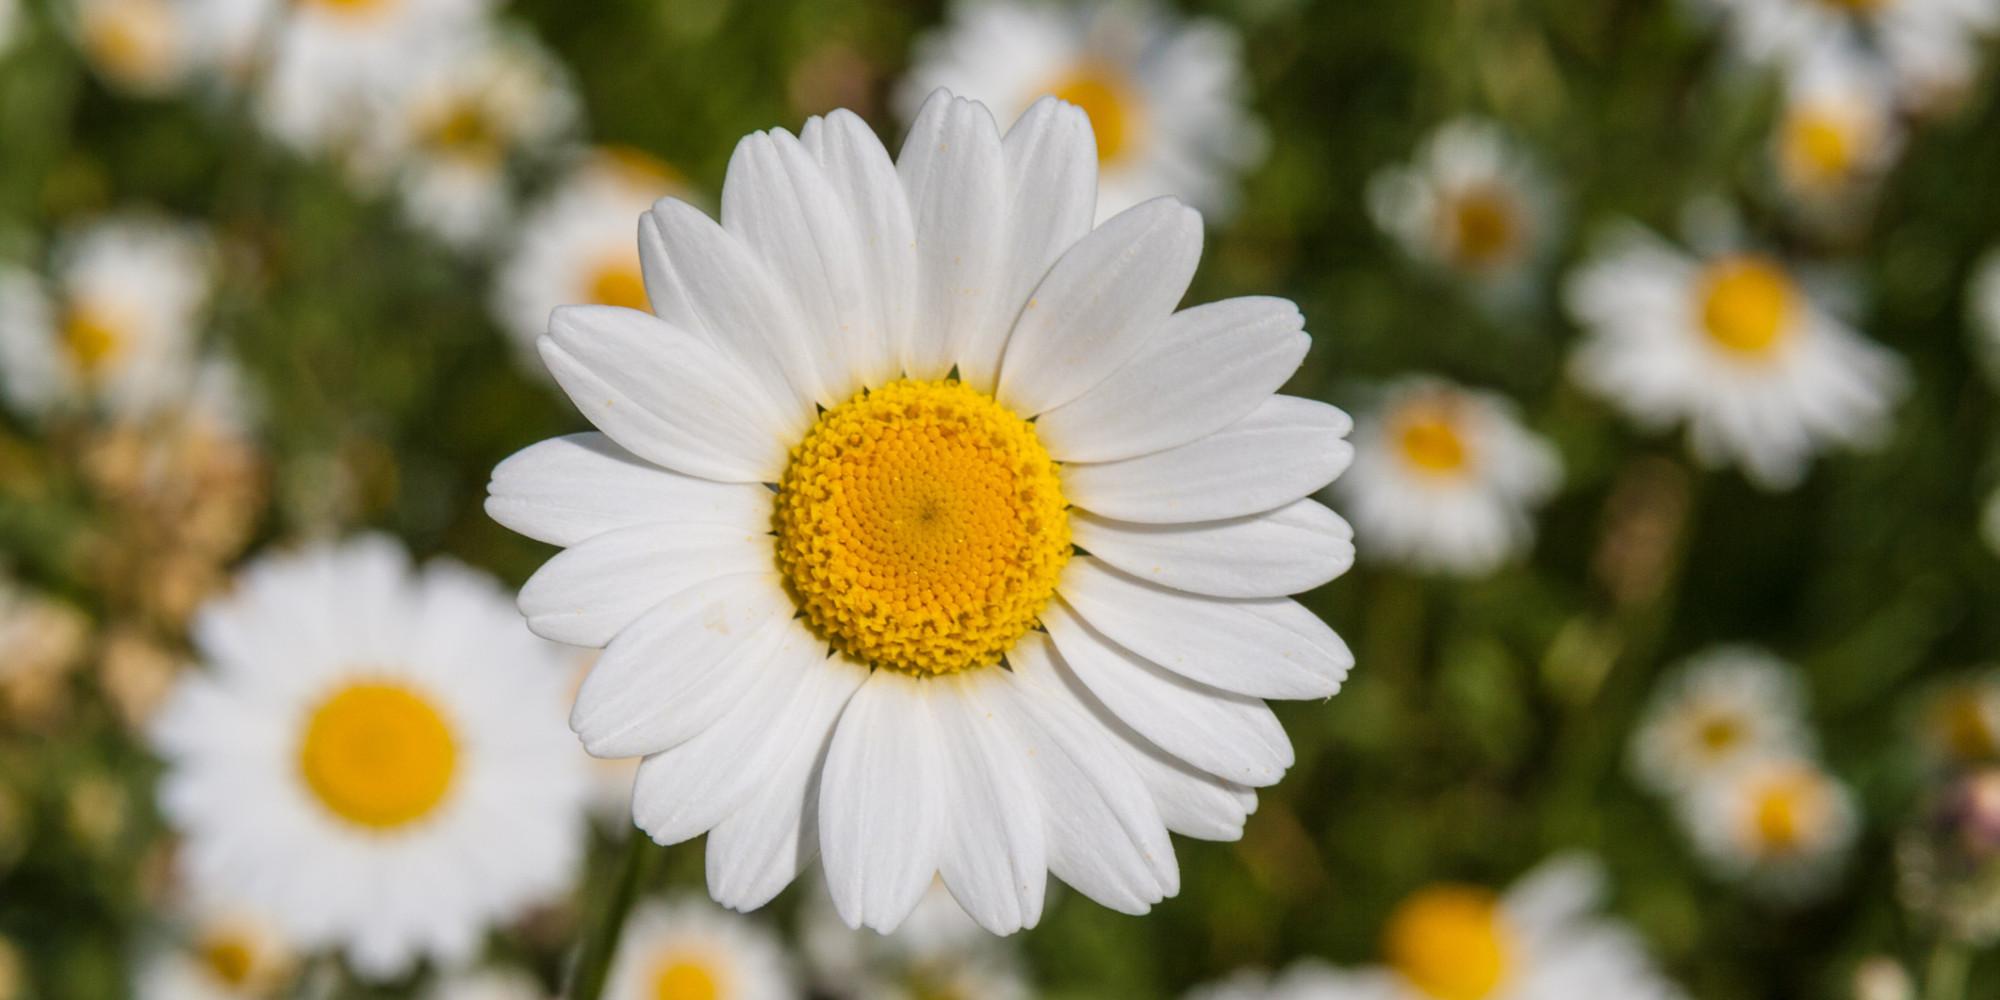 Plantas y hierbas para mejorar la calidad de vida huffpost - Plantas para la buena suerte ...